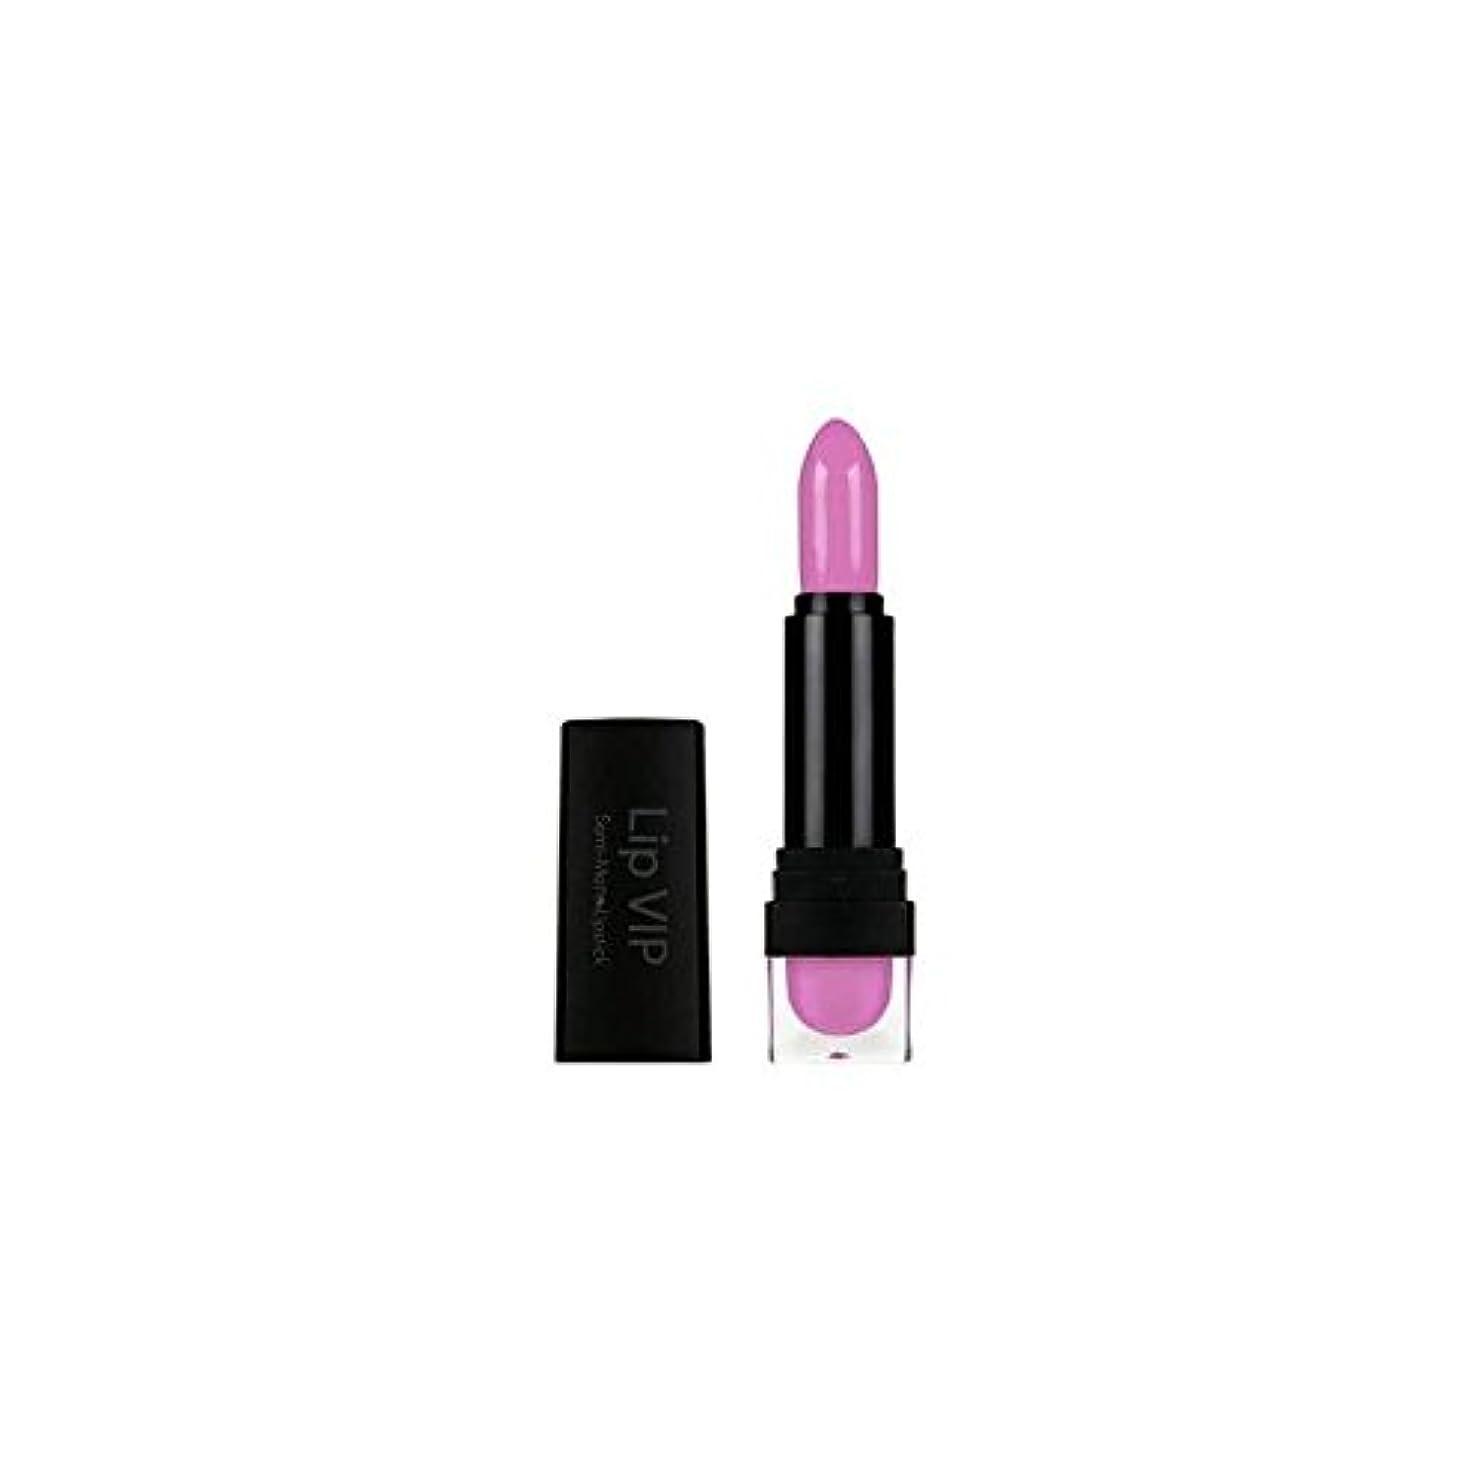 落ち着いた常習者薬を飲むなめらかな気まぐれなコレクションリップ..大物 x4 - Sleek Whimsical Collection Lip V.I.P Big Shot (Pack of 4) [並行輸入品]